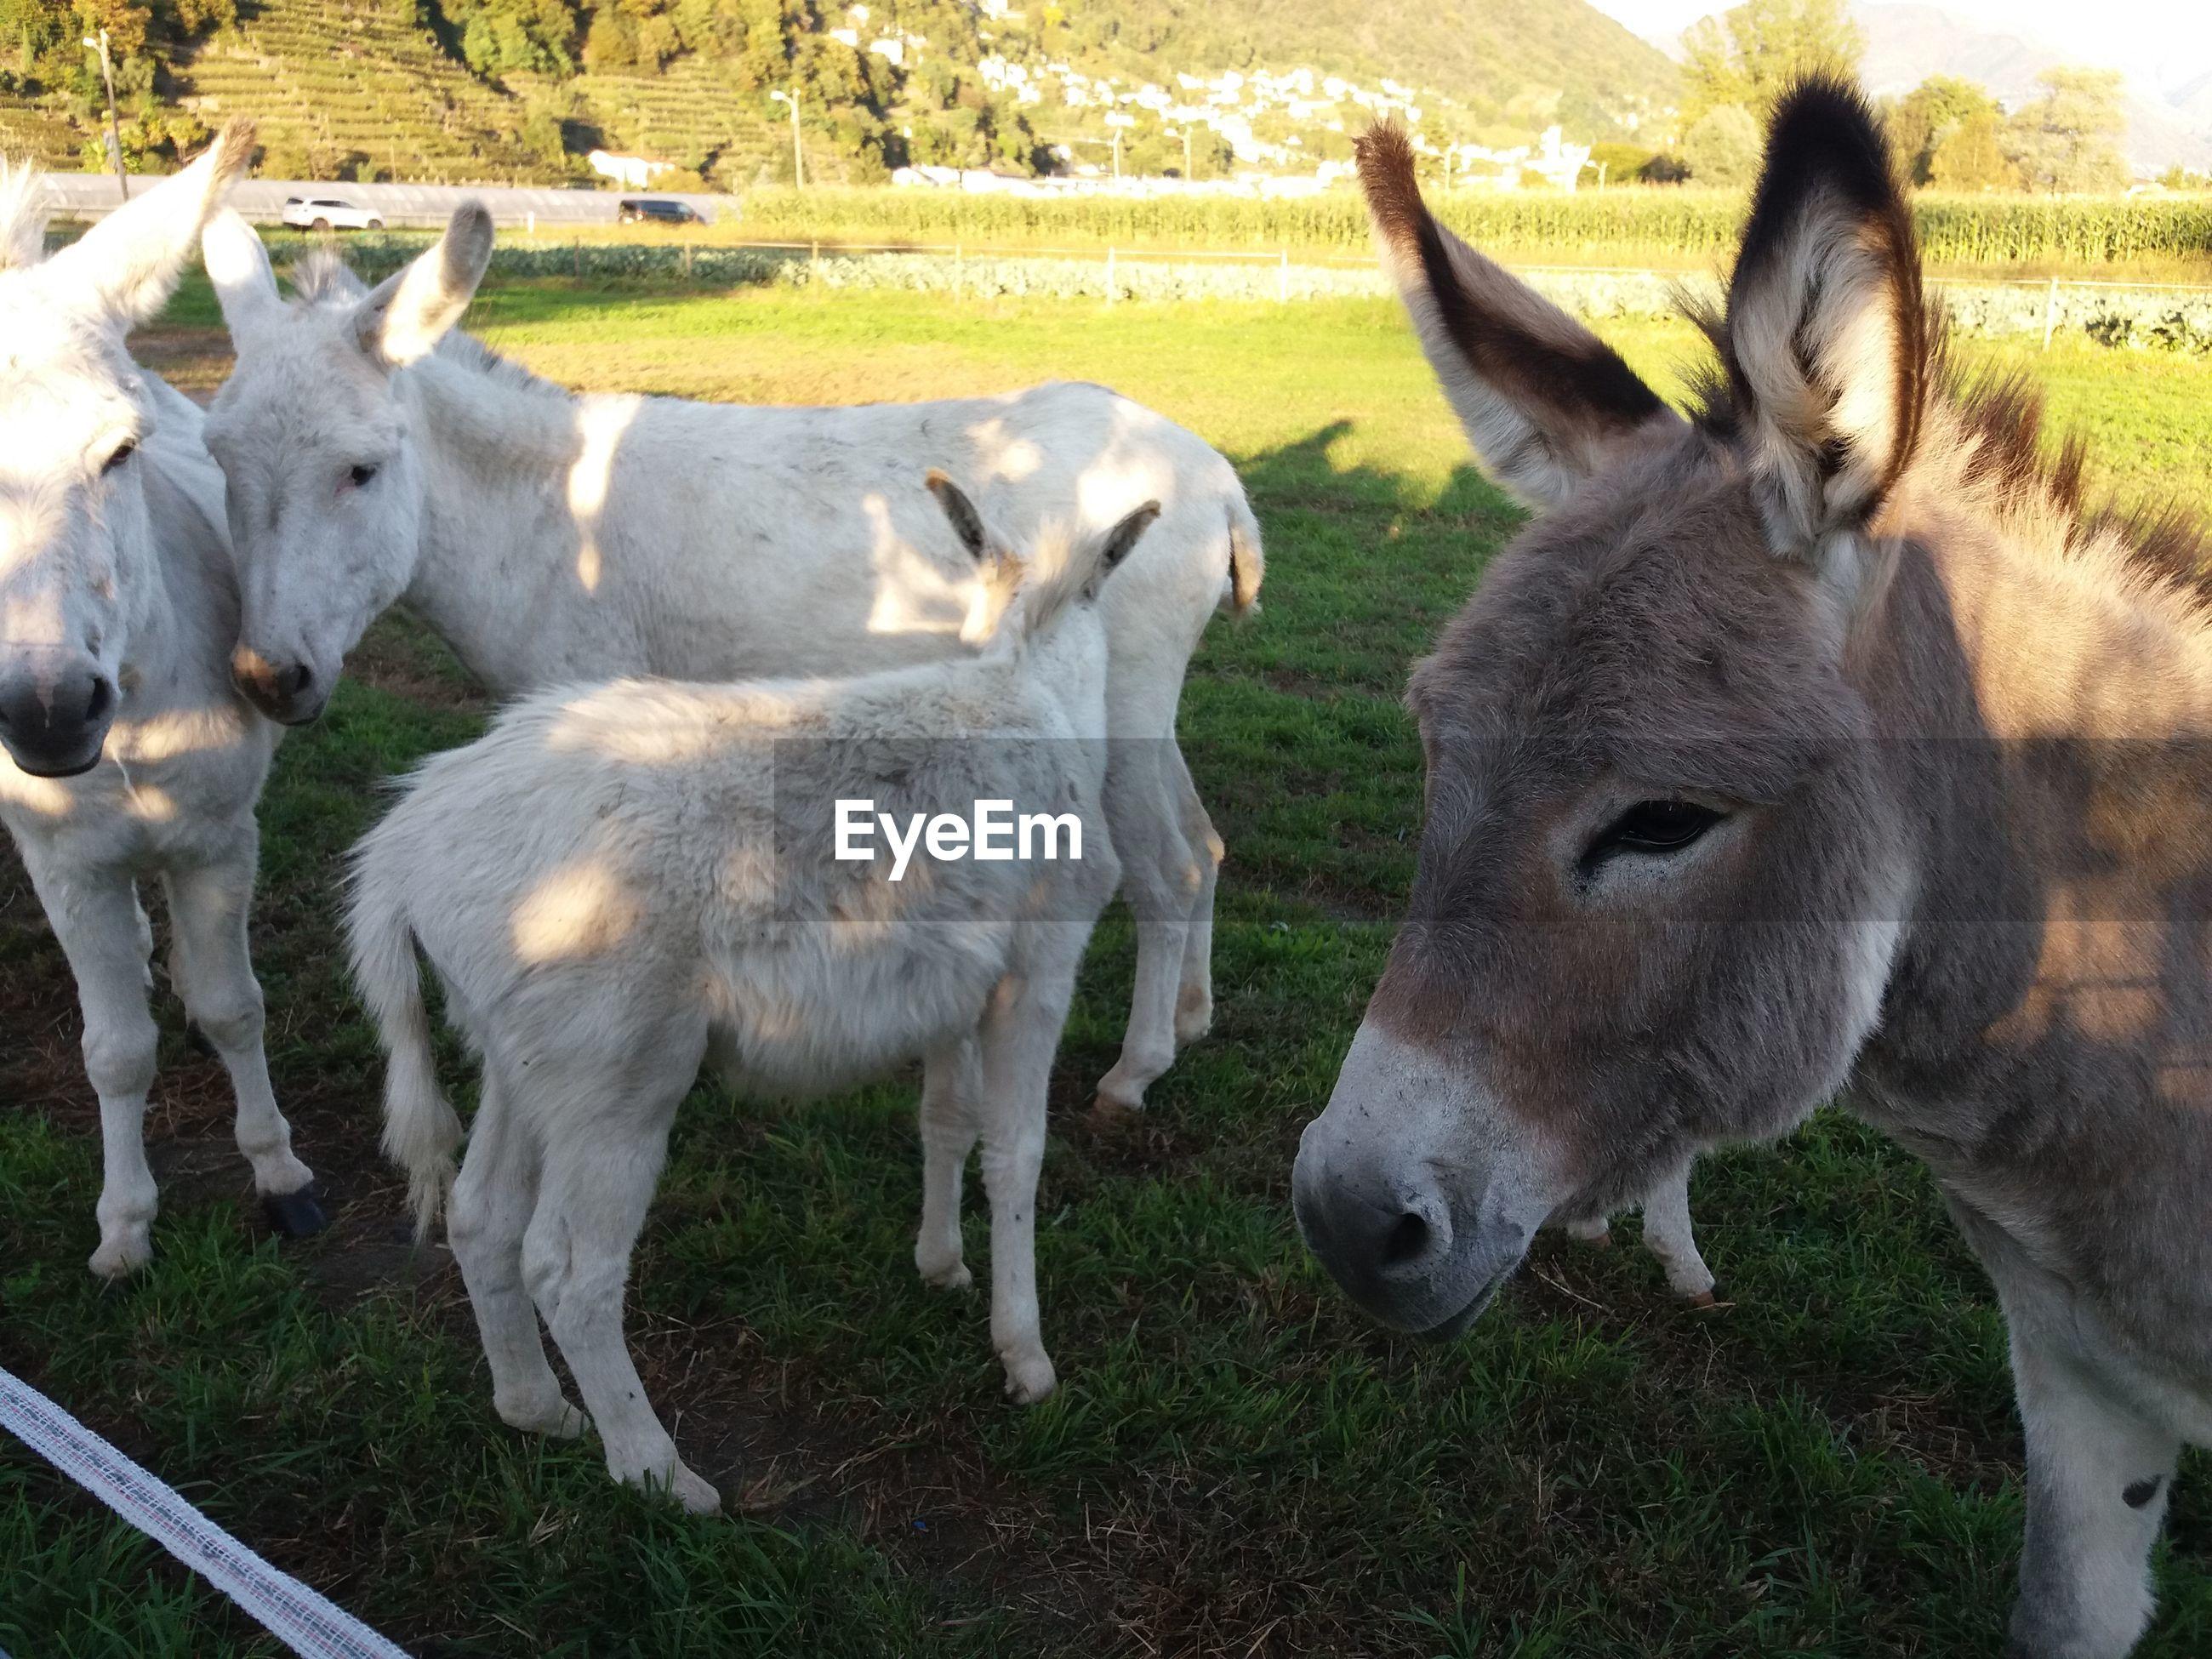 Donkey on field